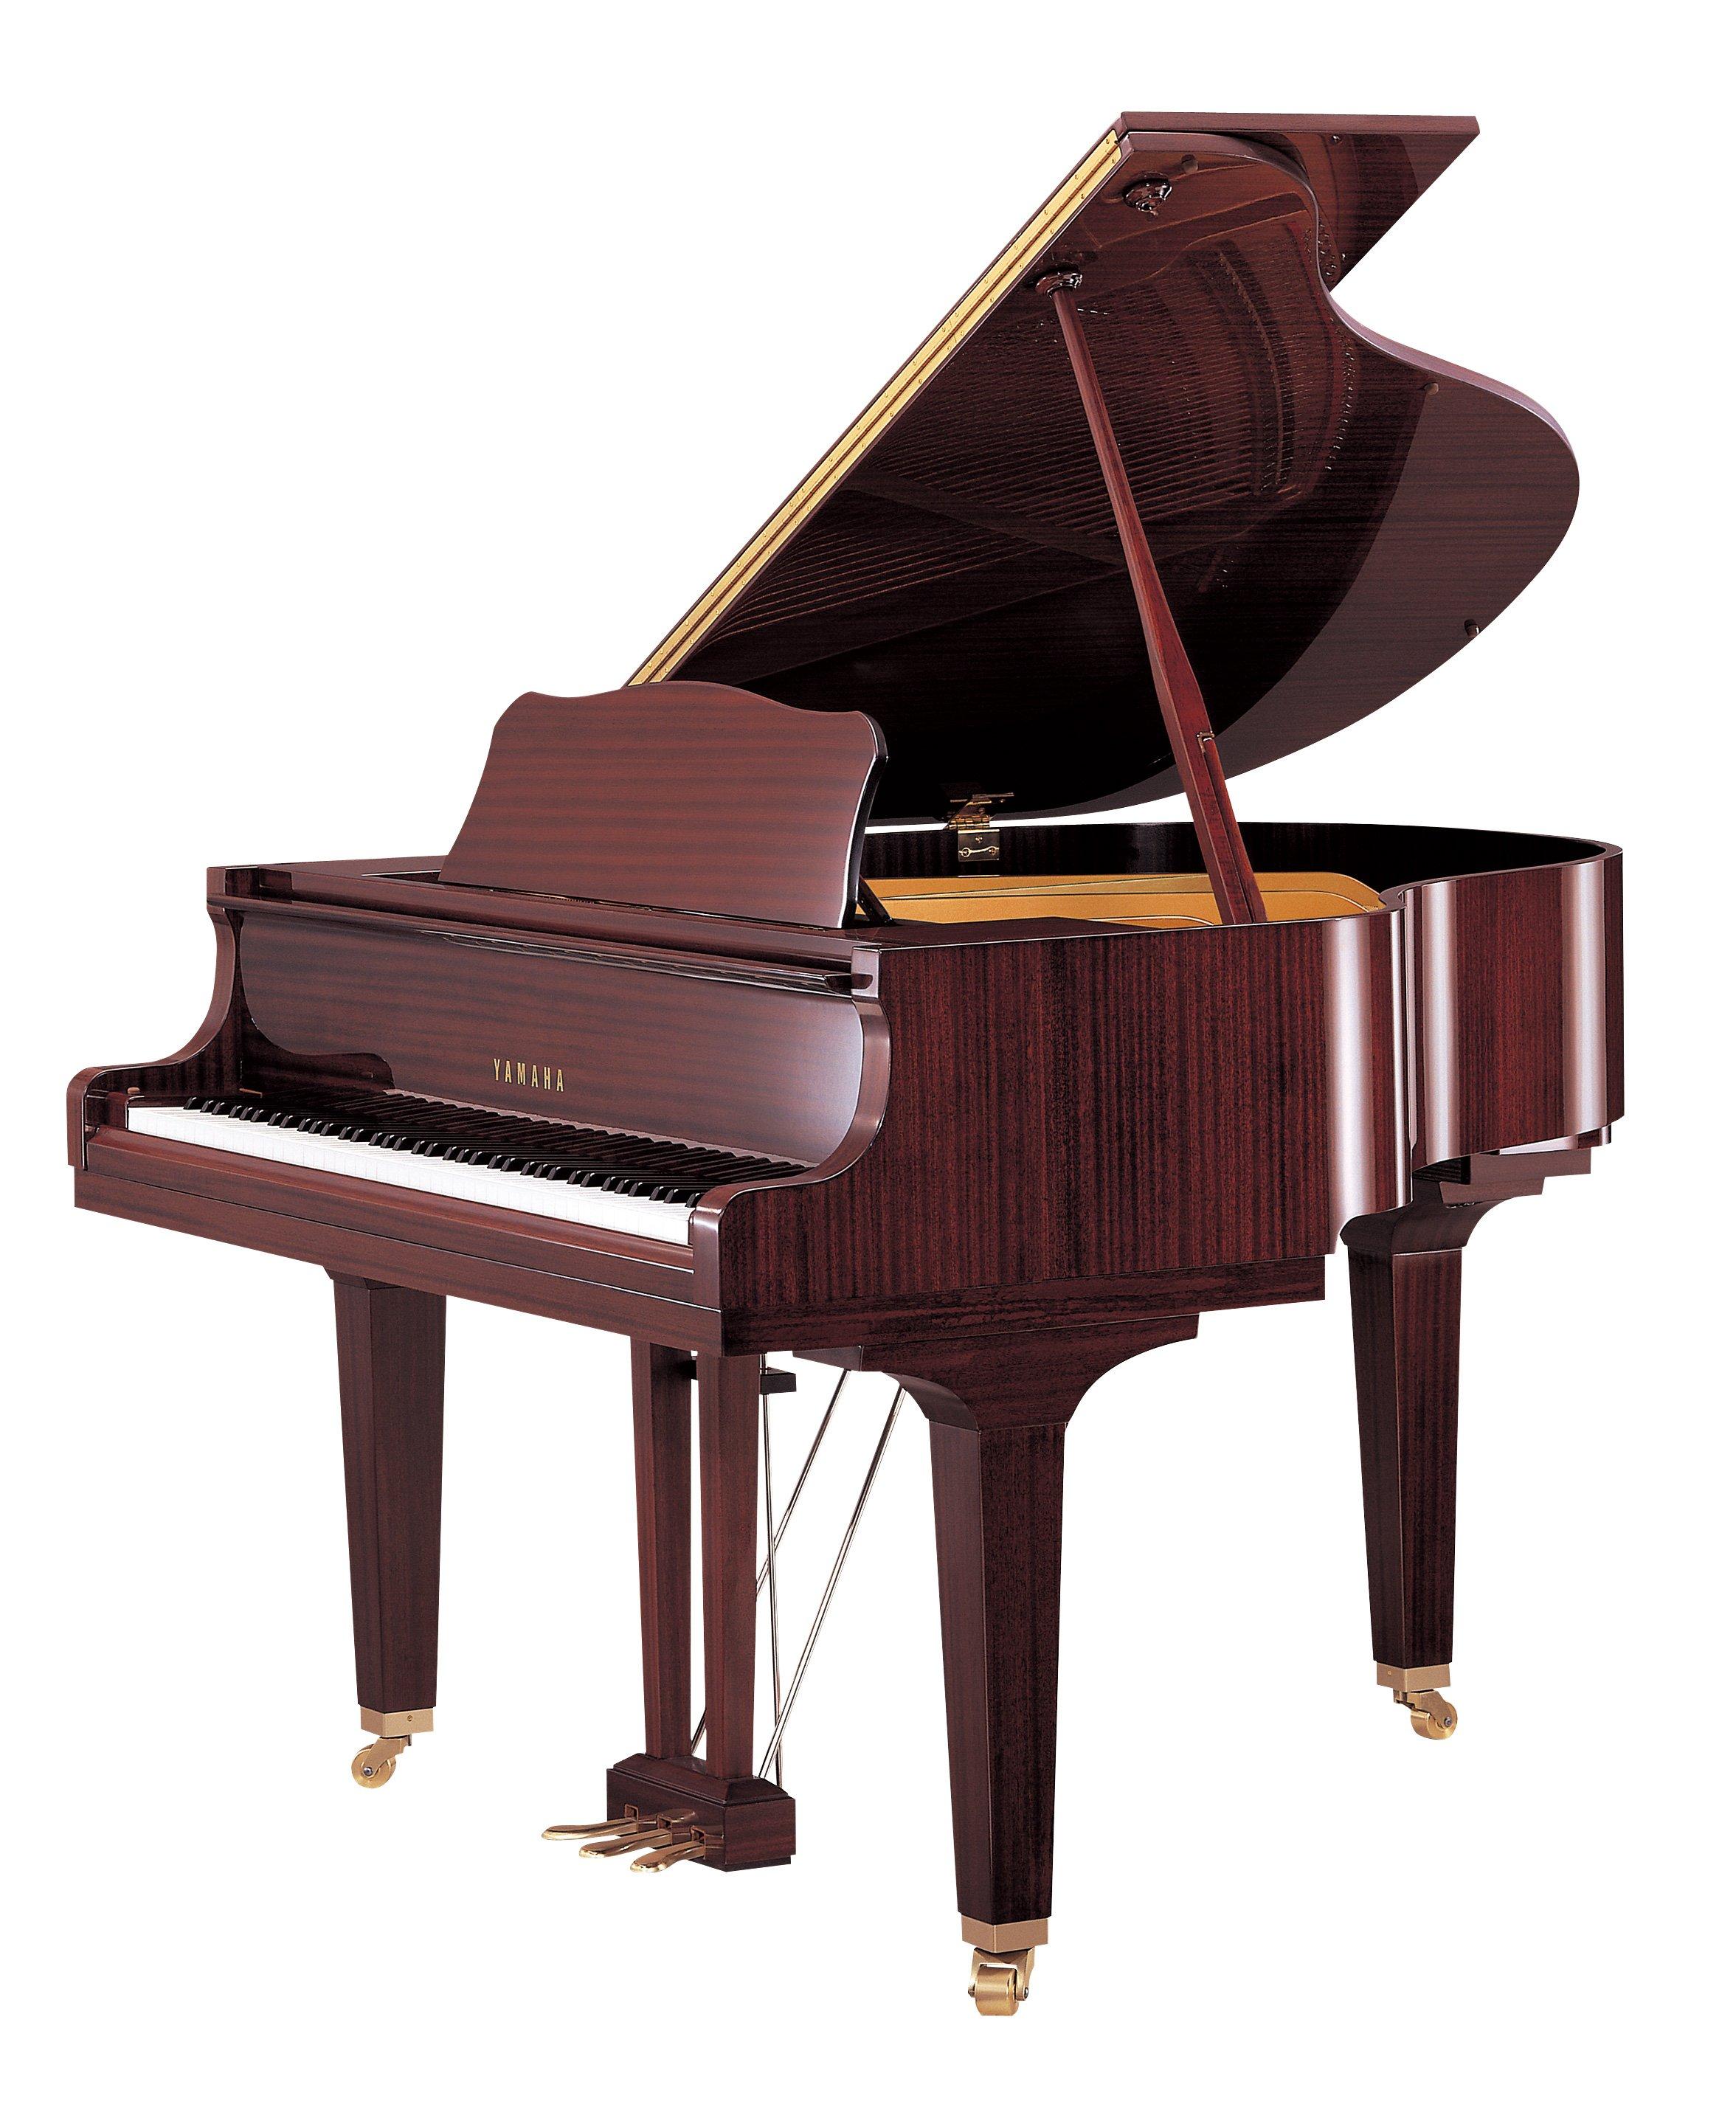 пианино-рояль в картинках шифера помощью саморезов